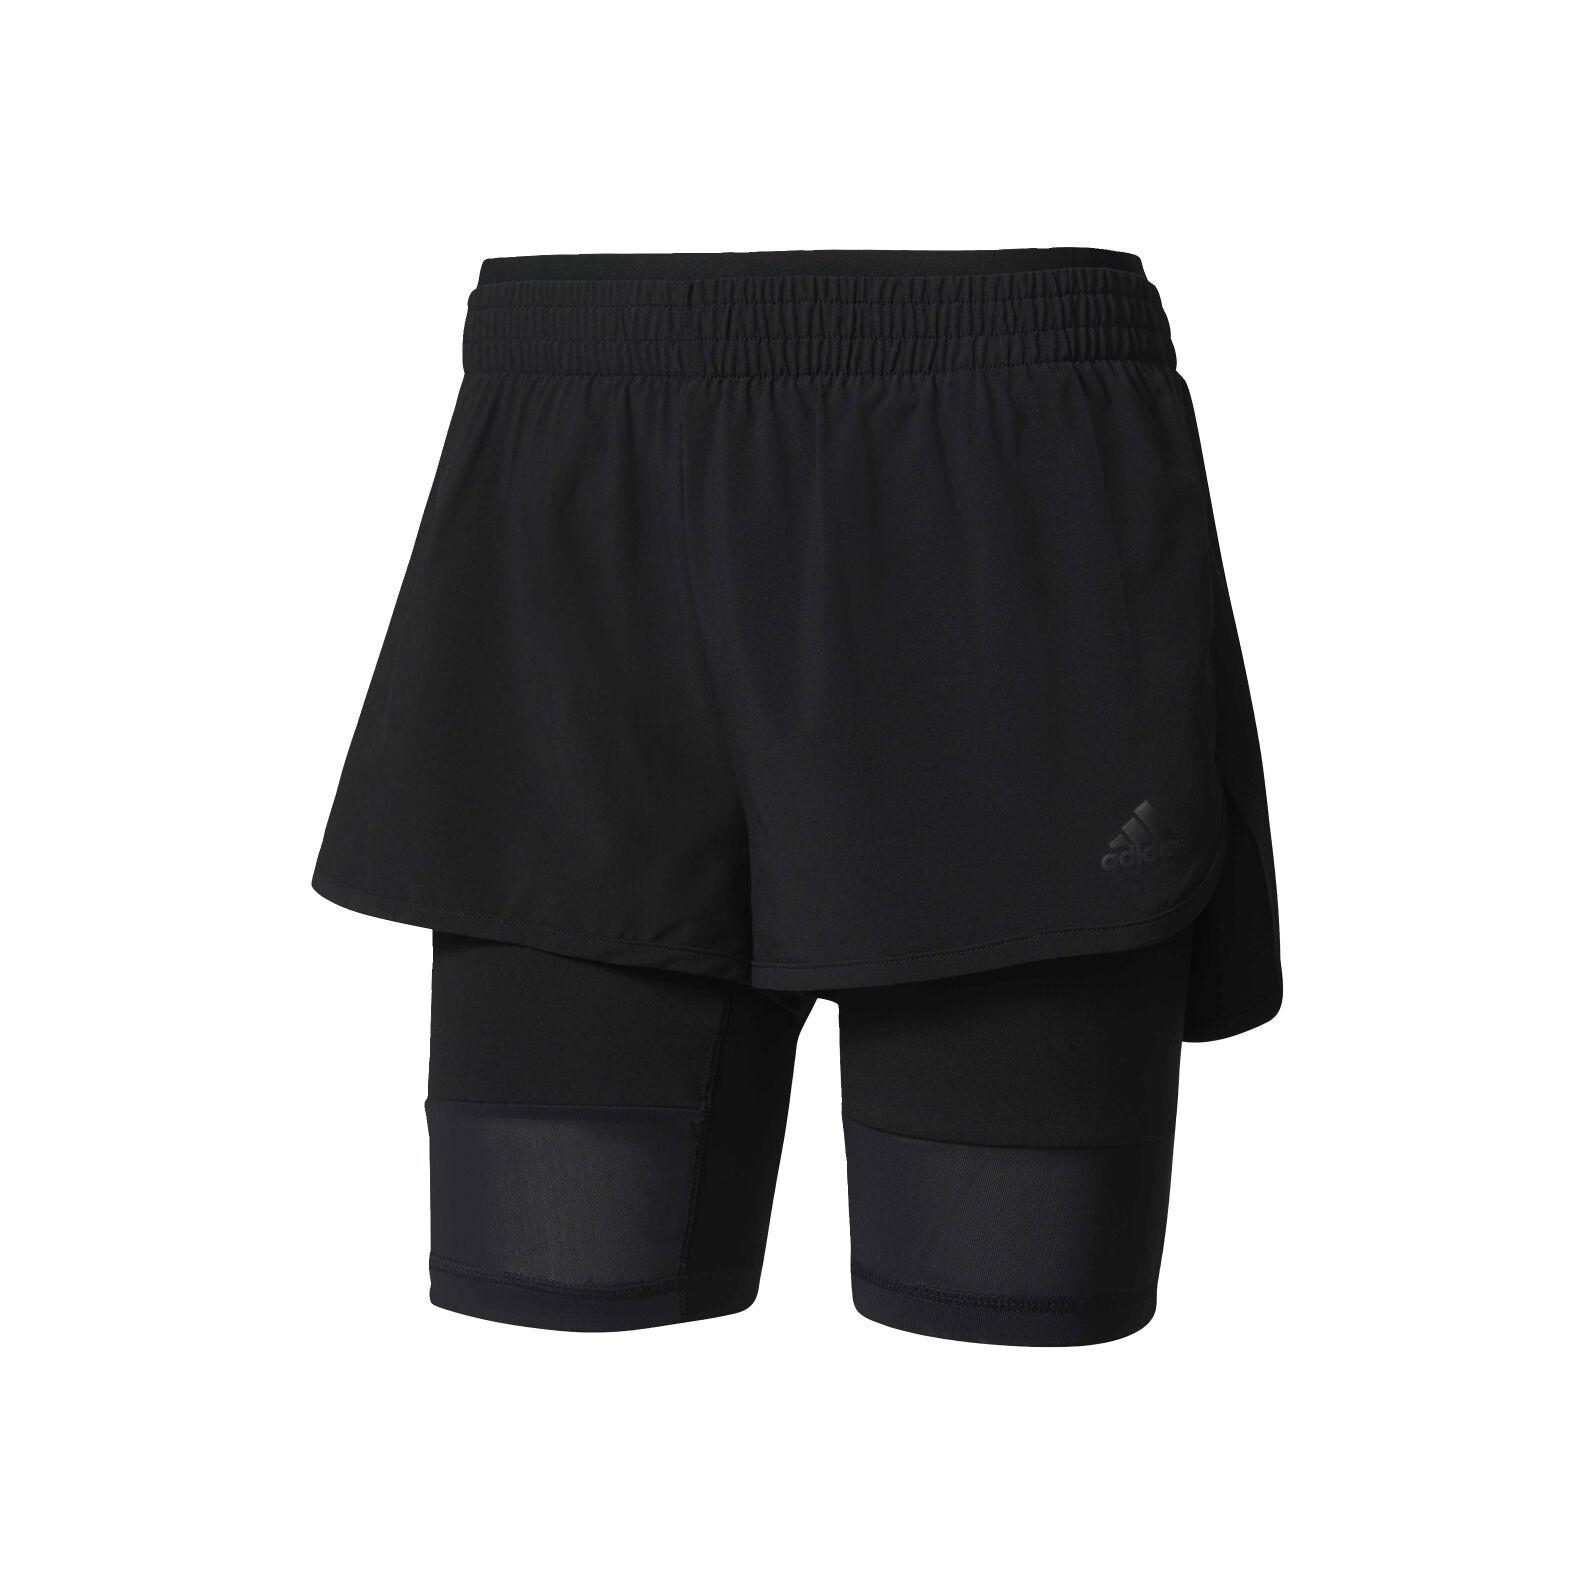 adidas 2in1 Long Shorts Damen Schwarz online kaufen